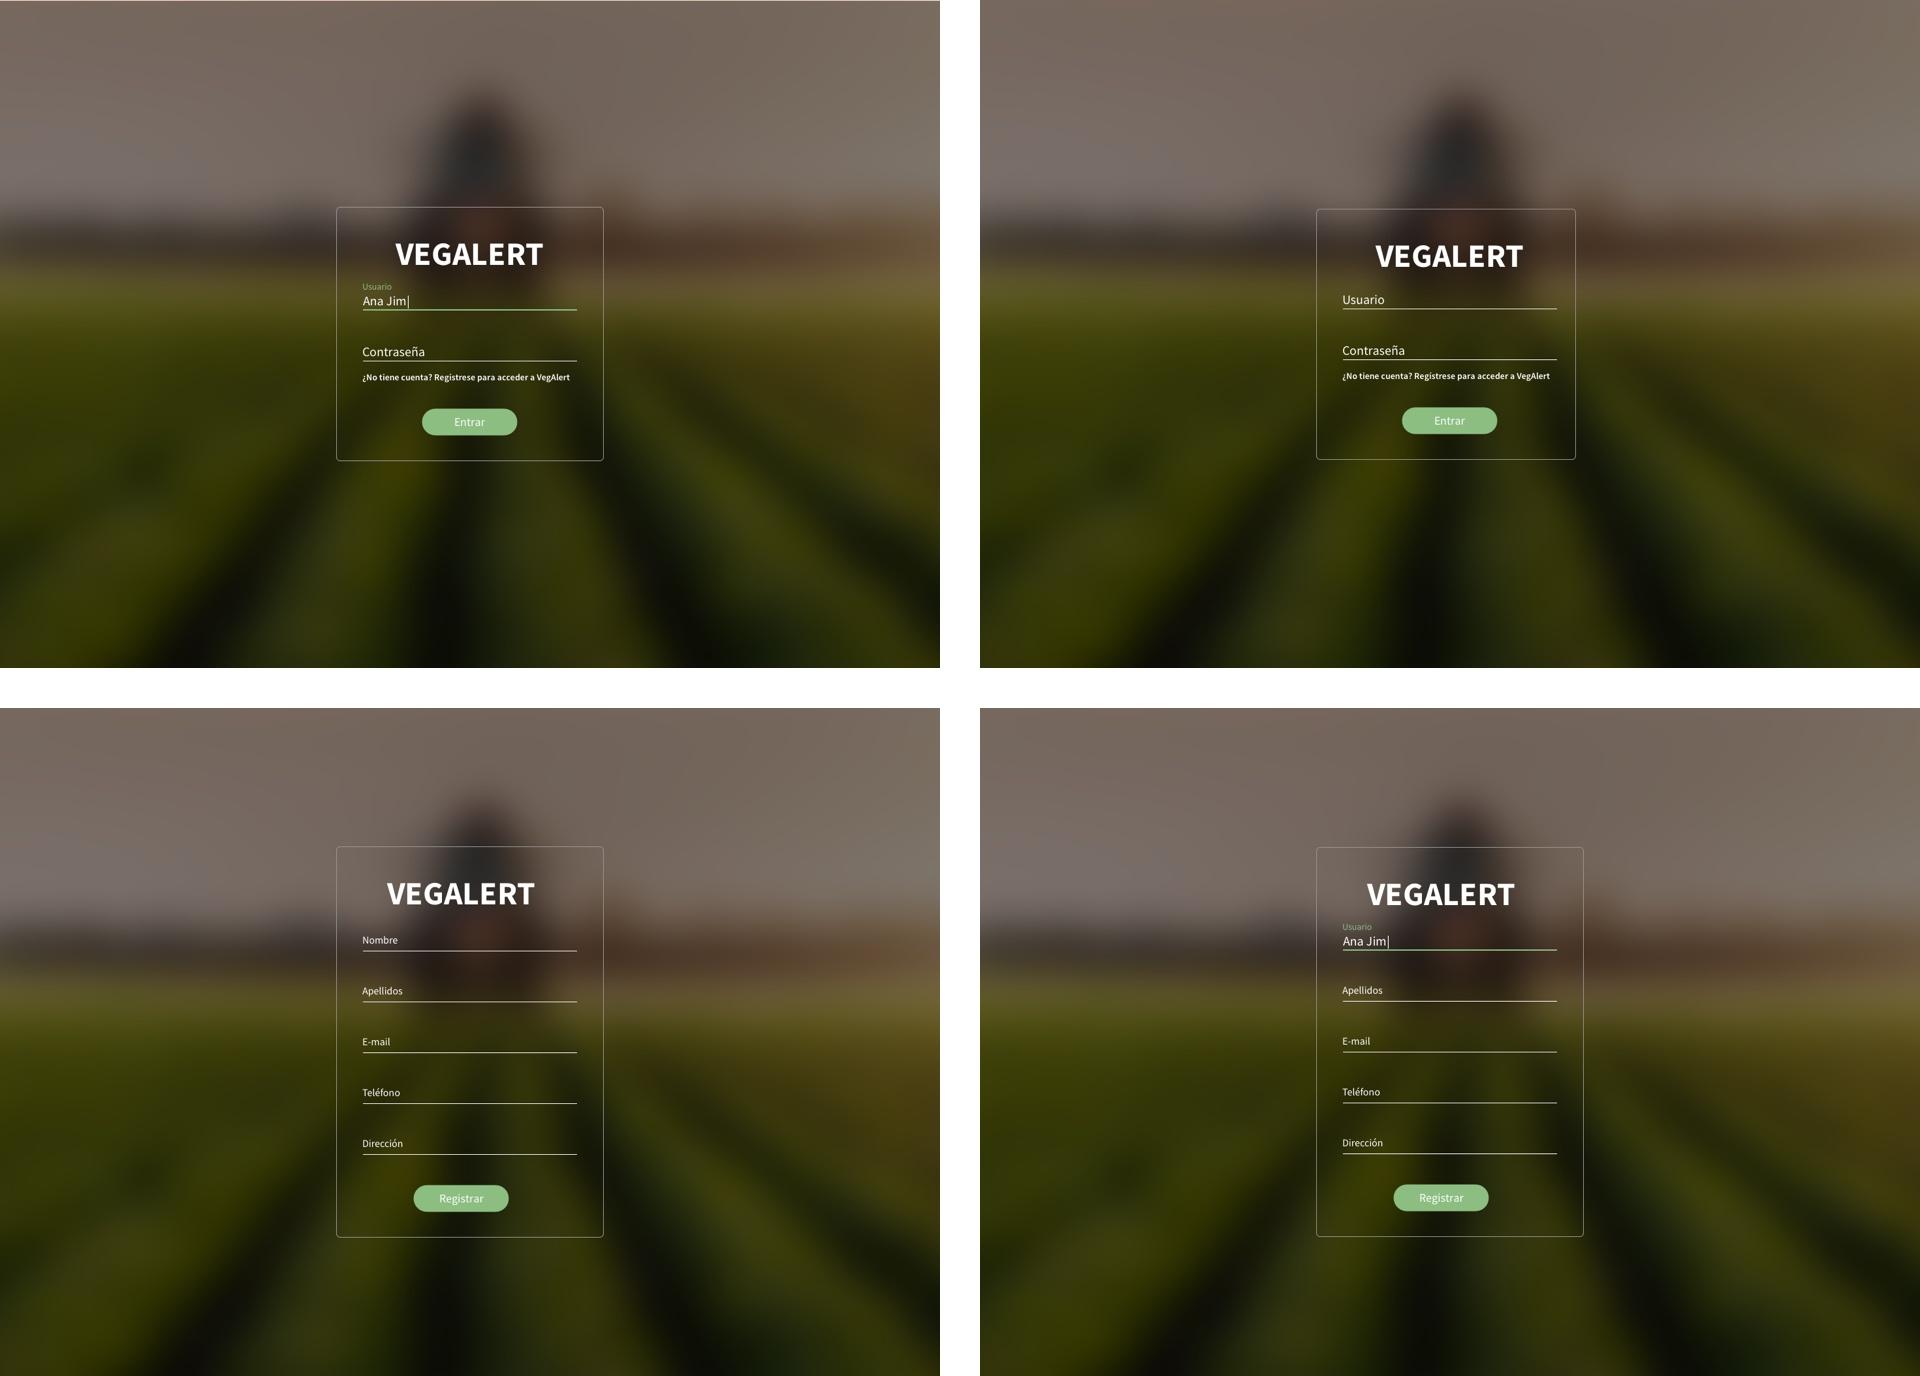 Registro desktop de la investigación y diseño UX de VegAlert